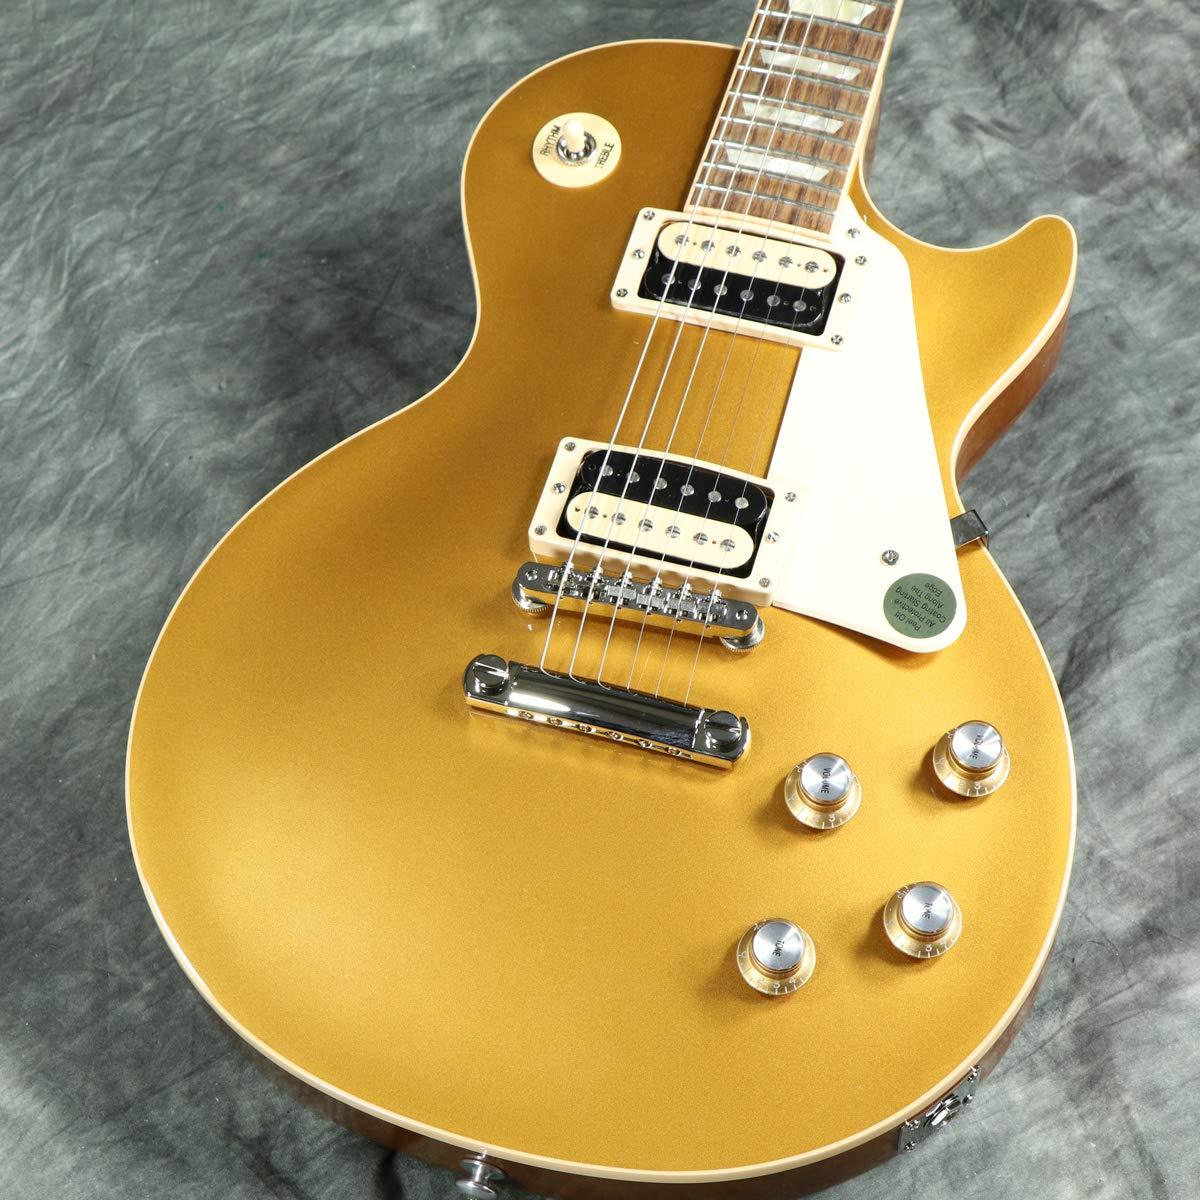 数量は多い  【アウトレット】Gibson Gold USA/Les Paul Paul Classic 2019 Gold Top ギブソン ギブソン B07RBS4PHW, モダンインテリア Picchio:fbe040f9 --- fitnessmarathi.com